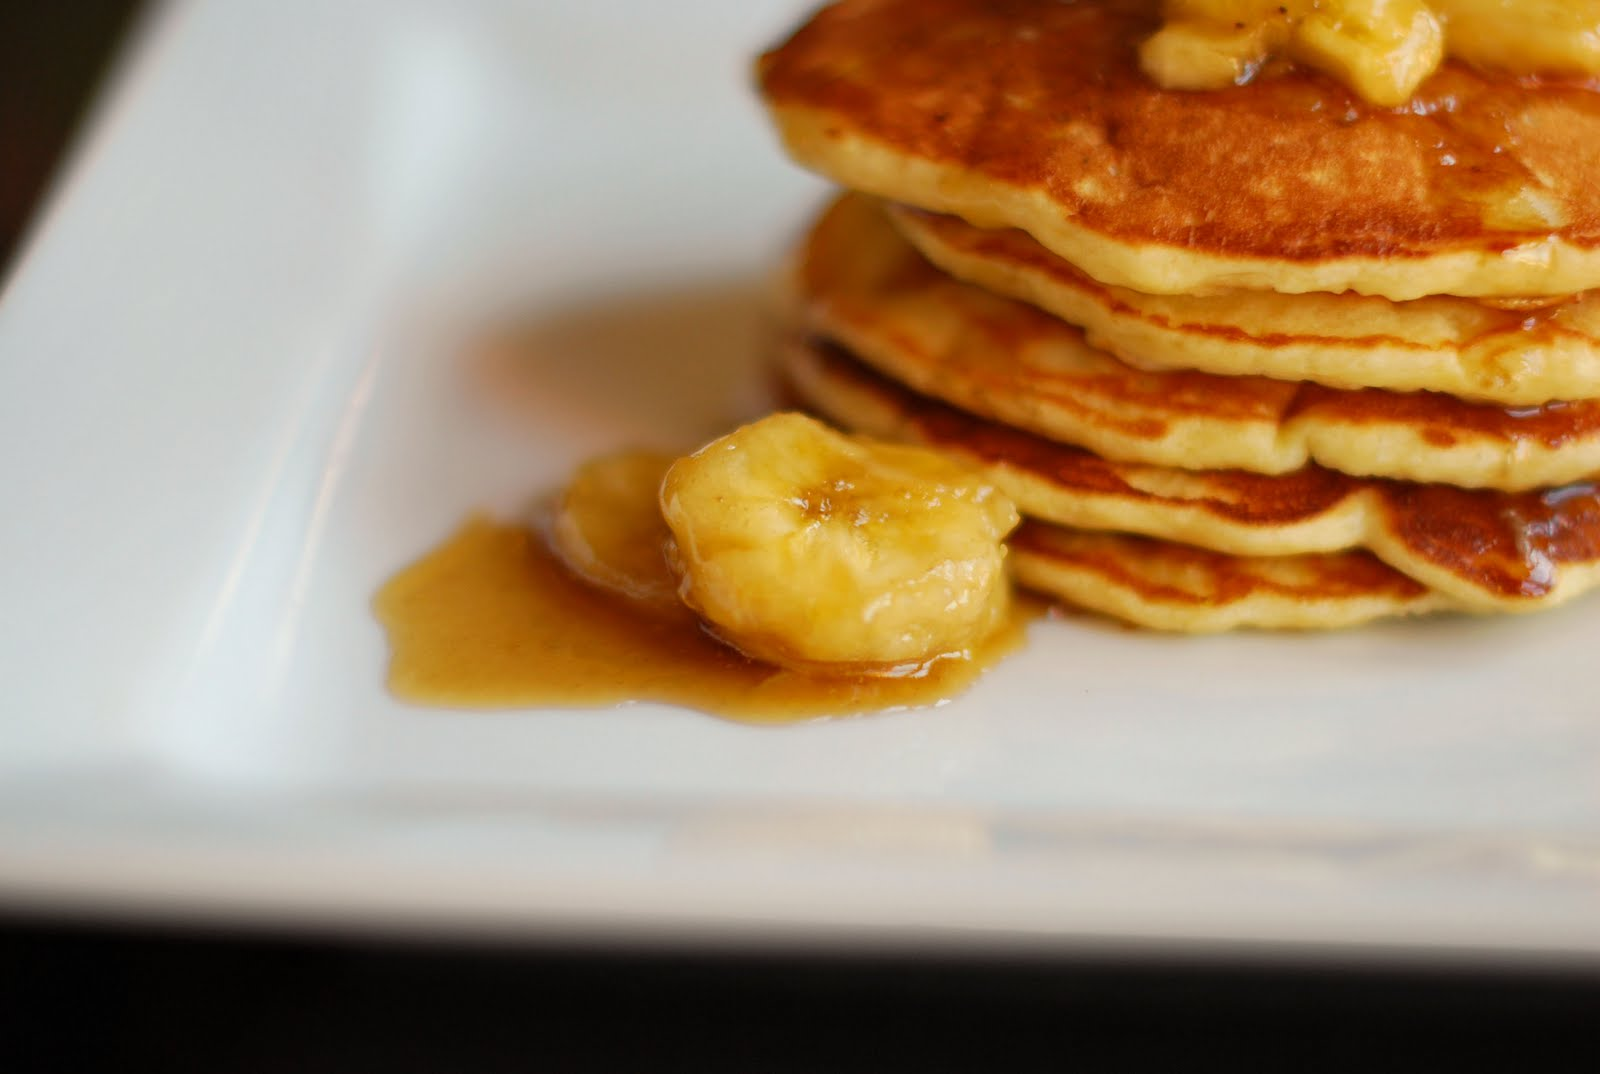 Sassafras Cafe: Banana Pancakes with Caramel-Banana Syrup